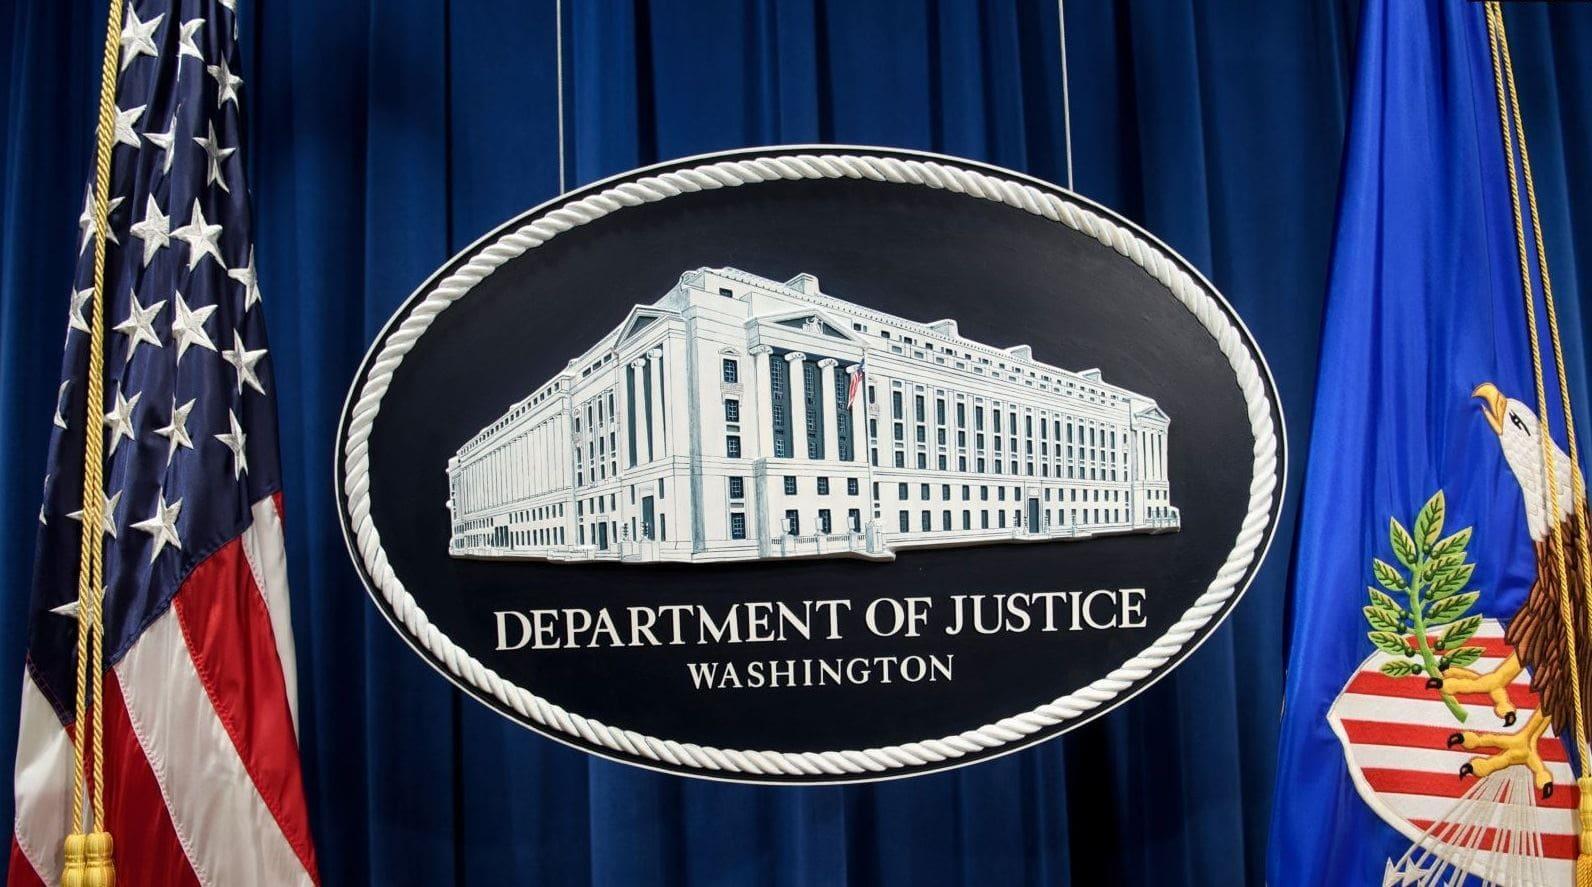 ABD Adalet Bakanlığı, Finansal Suçlarla Mücadele İçin Kripto Ekibi Kurdu